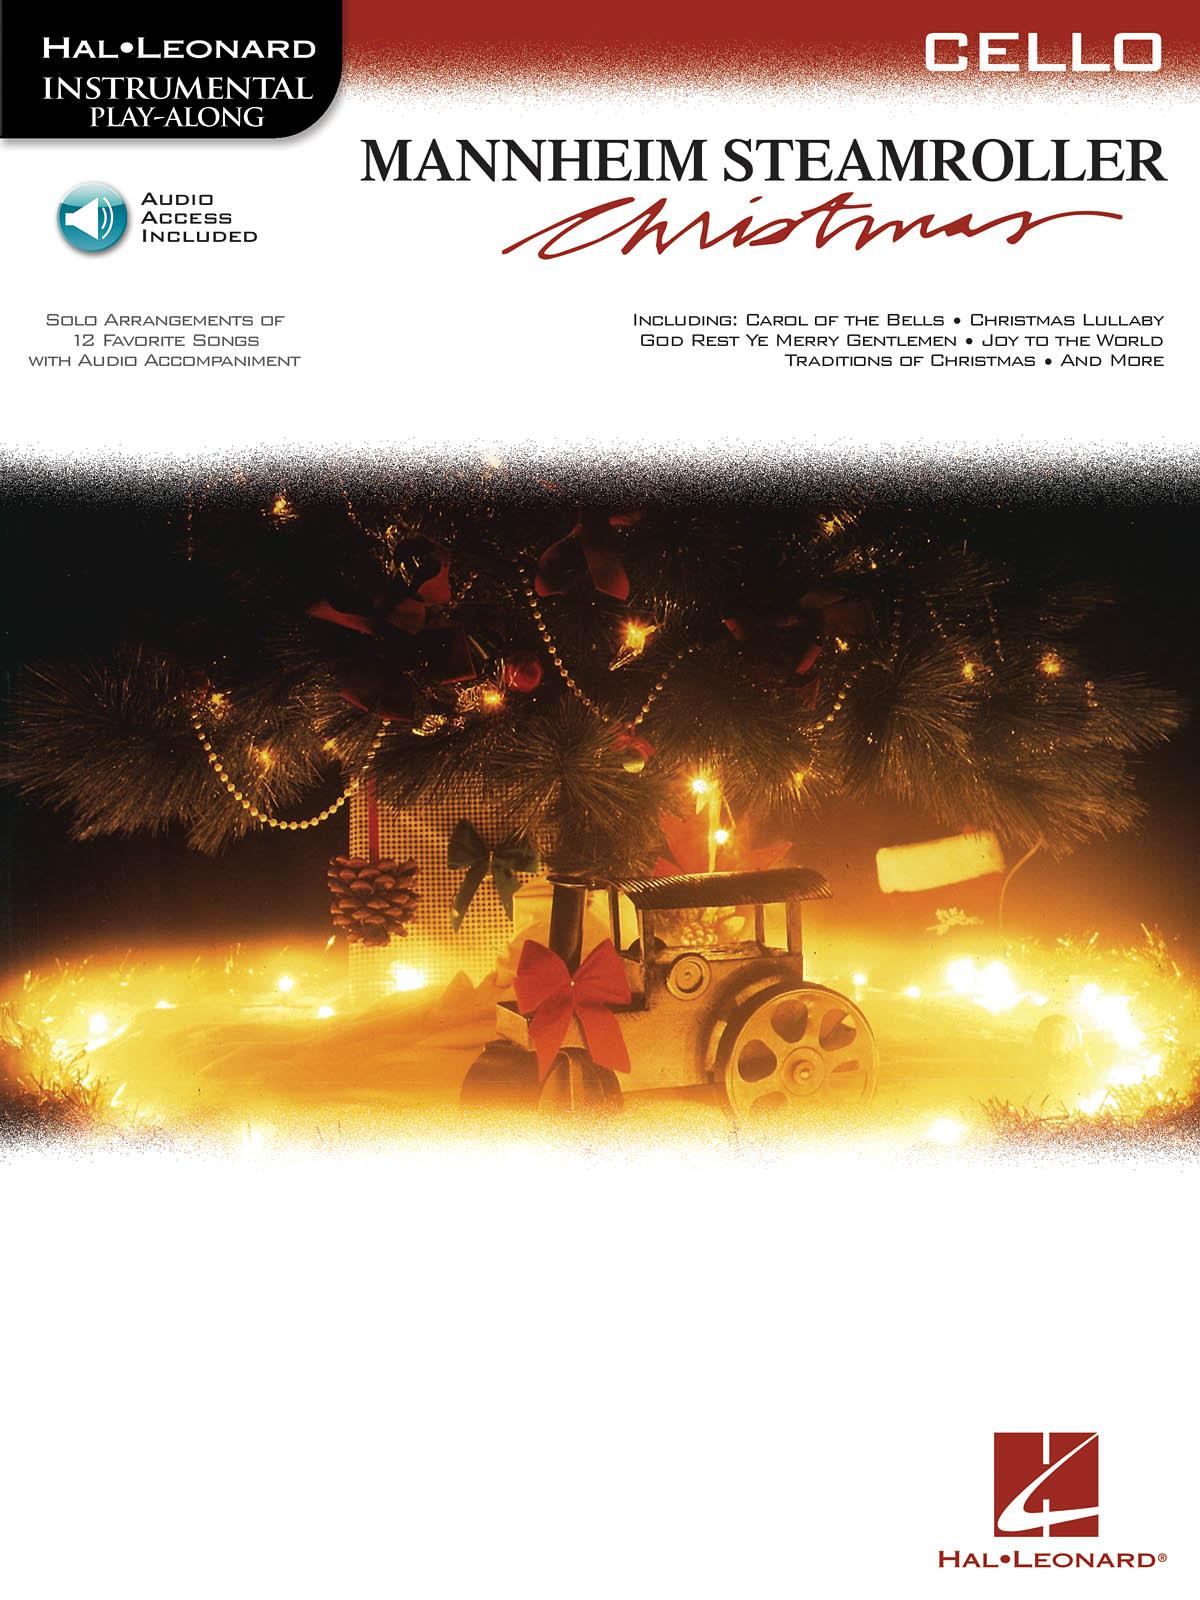 Mannheim Steamroller: Mannheim Steamroller Christmas - Cello: Cello Solo: